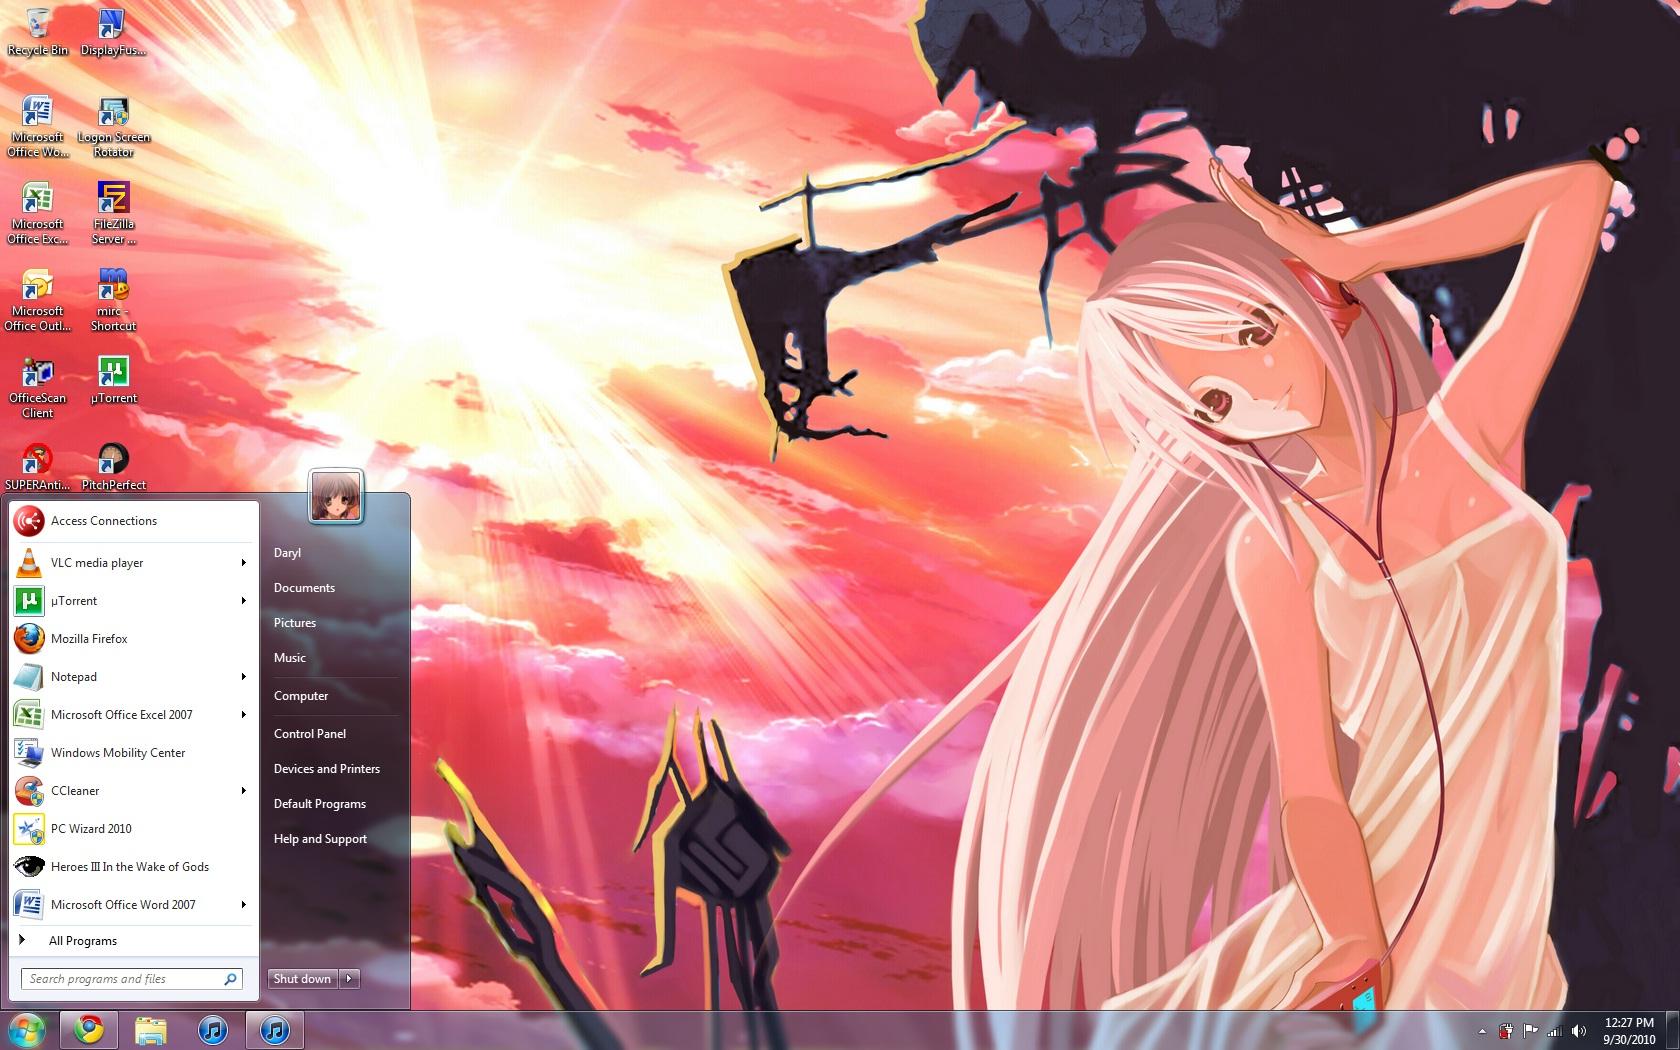 Windows 7 Themes Clannad Muramasa The Demon Blade En Route